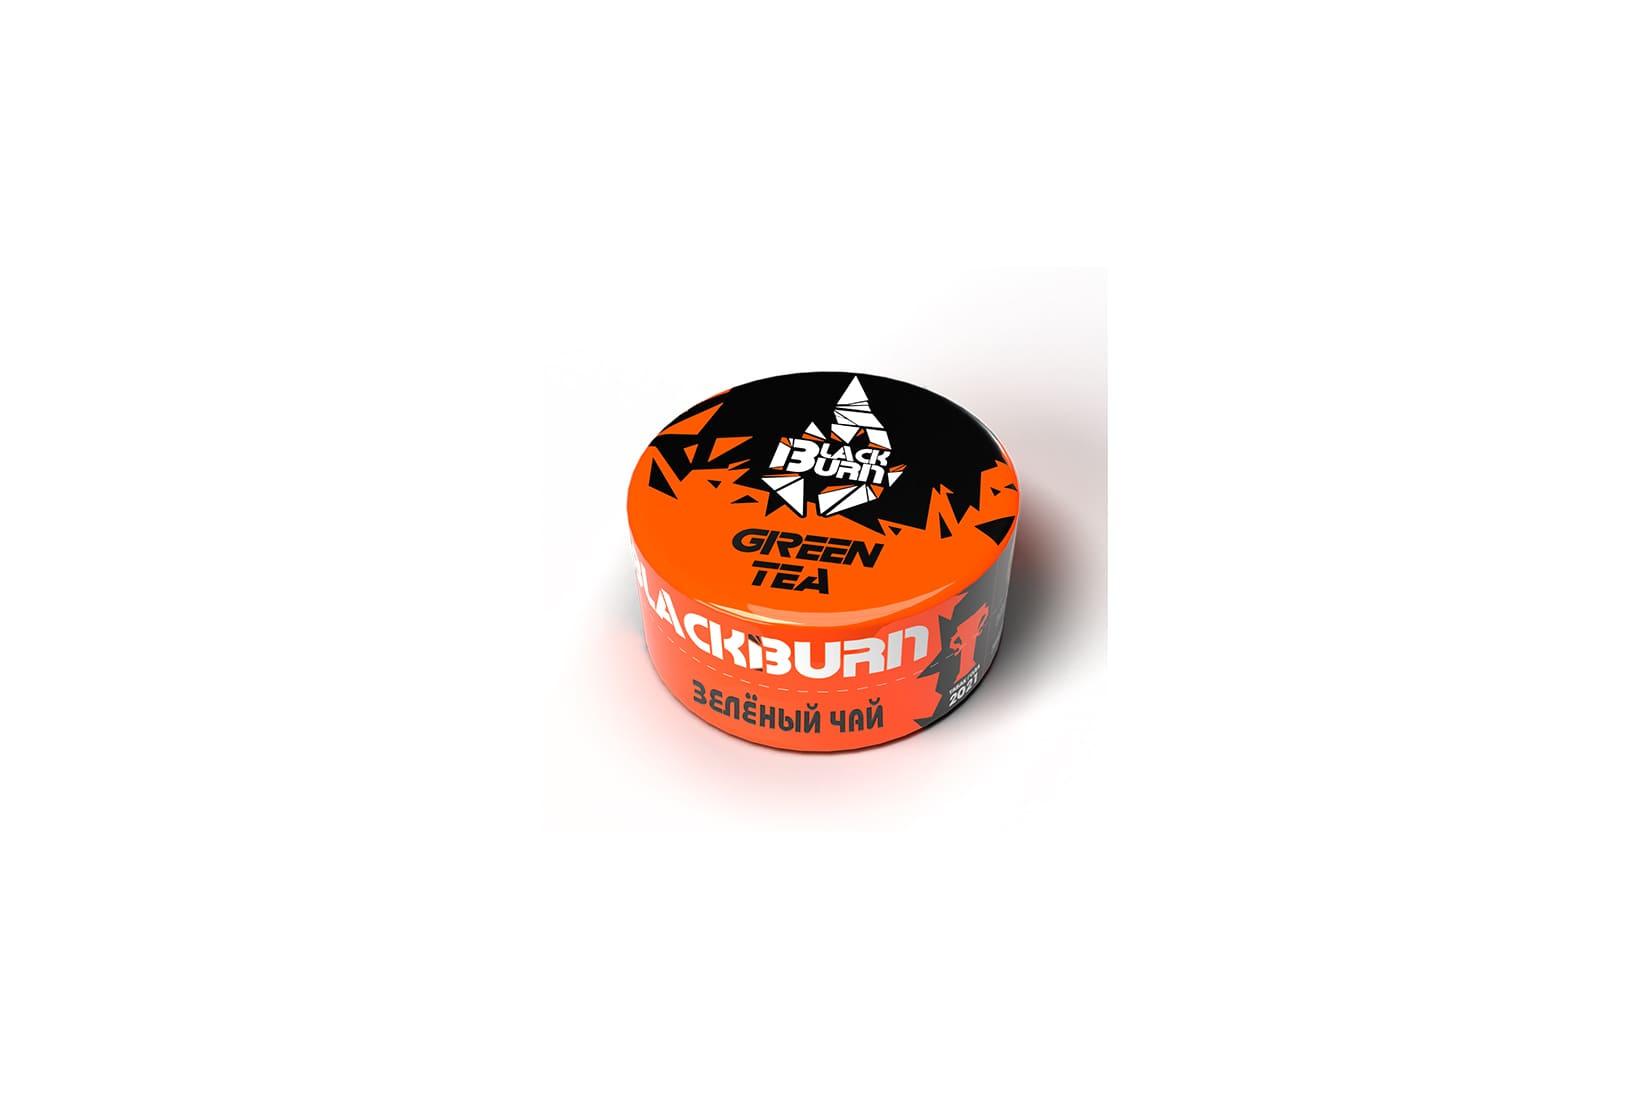 Табак для кальяна Black Burn GREEN TEA – описание, миксы, отзывы